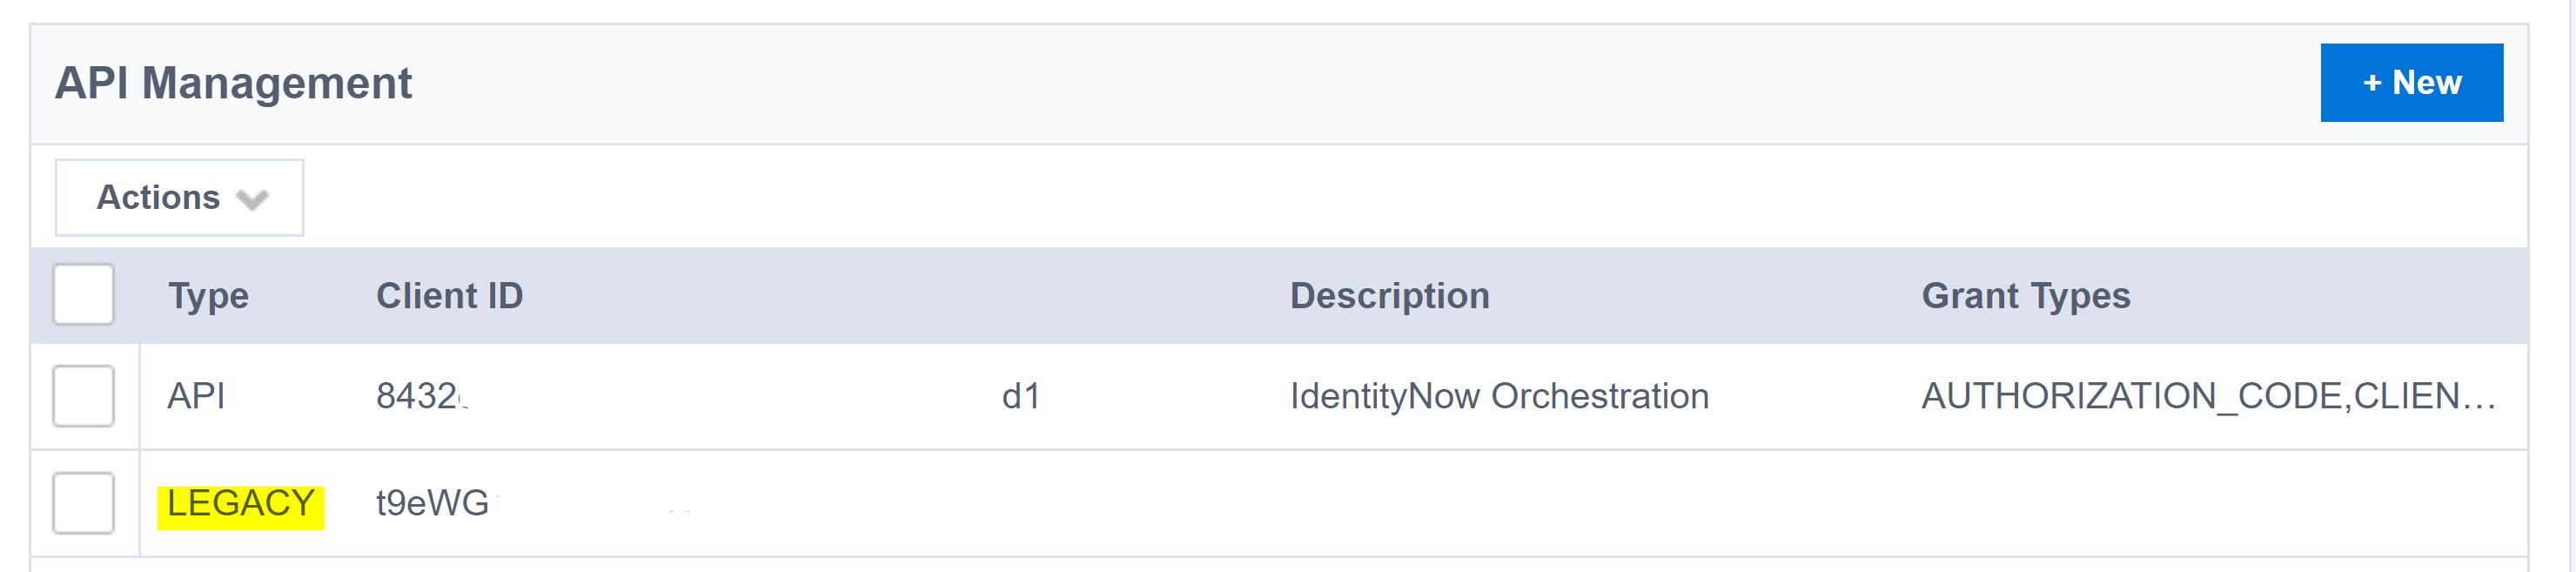 SailPoint IdentityNow v2 and v3 API credentials